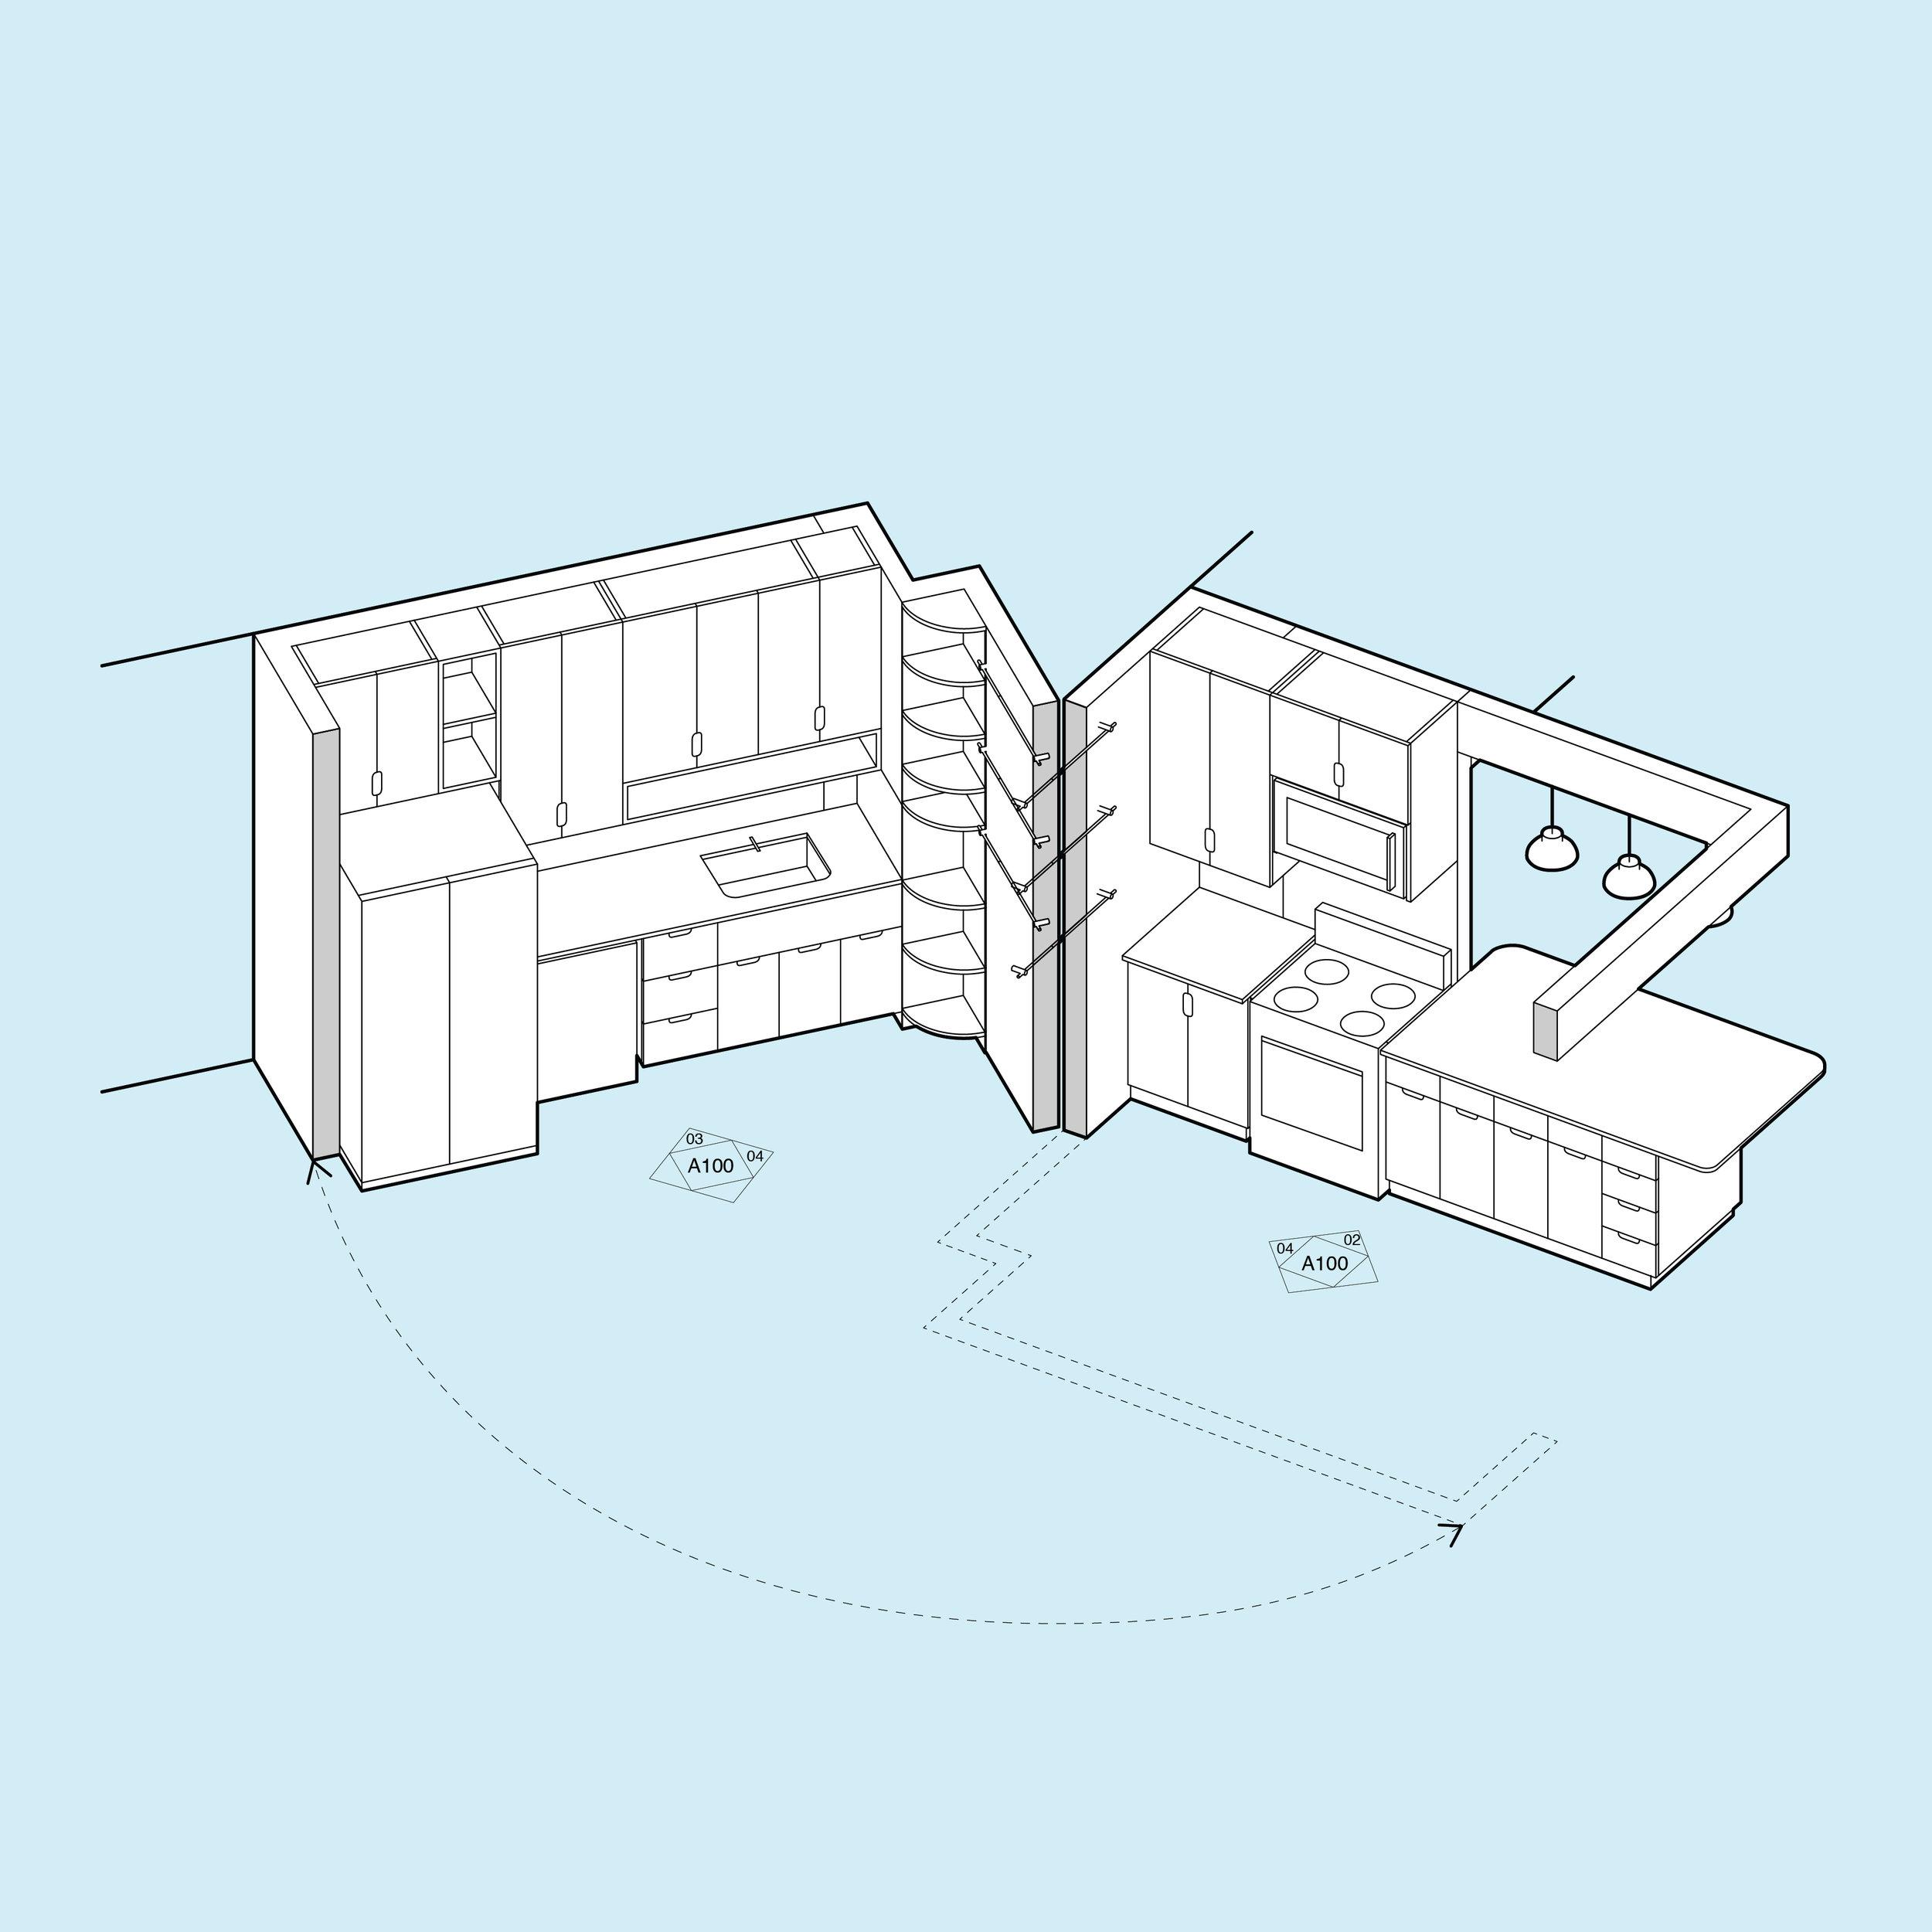 Handwerk_True Residence Kitchen_axon.jpg